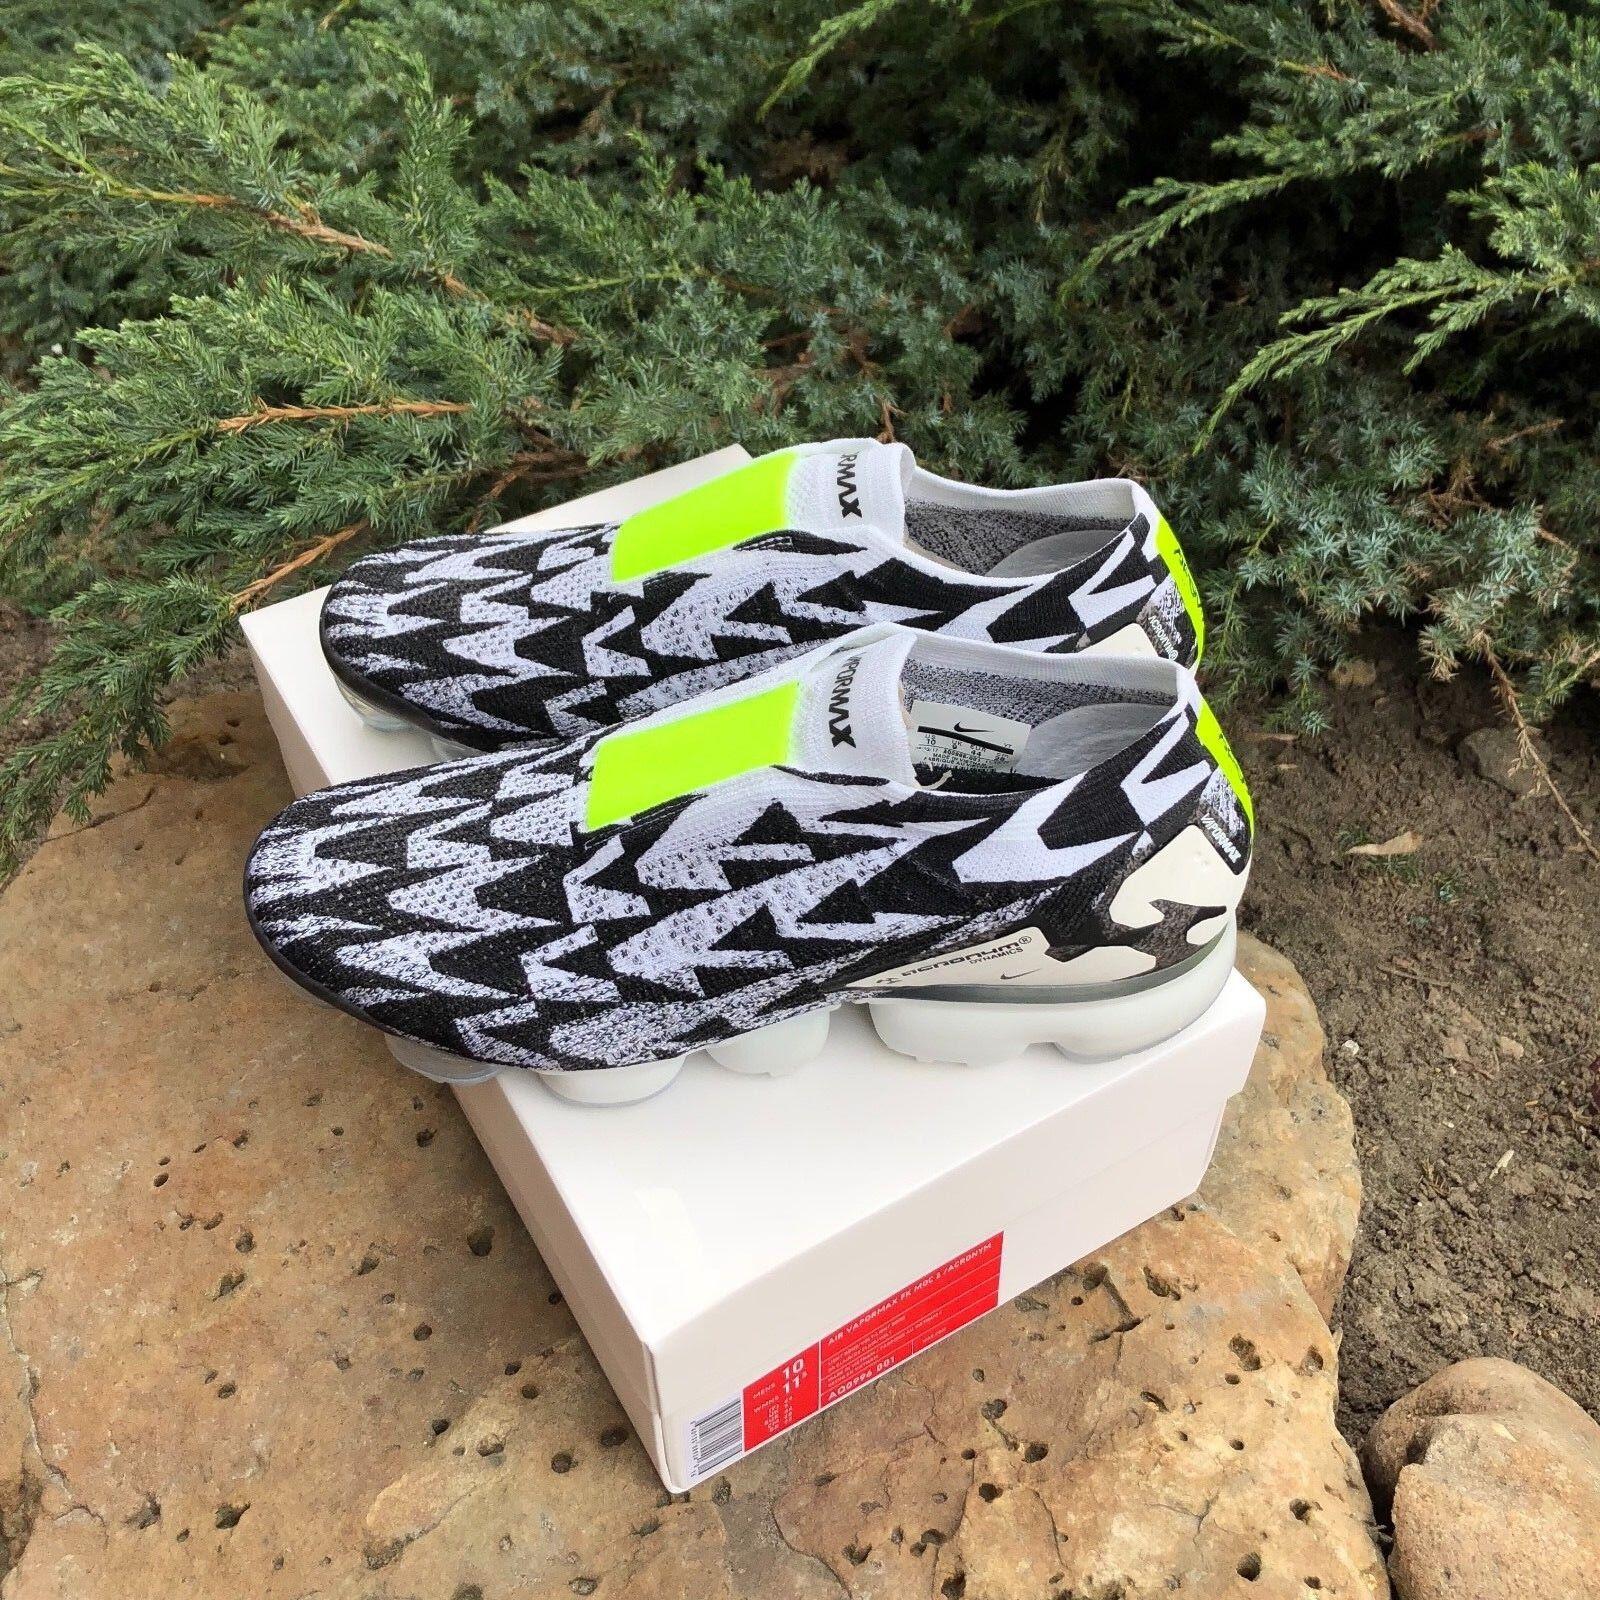 Nike Air vapormax FK Moc hueso 2.0 / acrónimo luz hueso Moc Volt collab aq0996-001 us4-13 liquidación de temporada 12a380